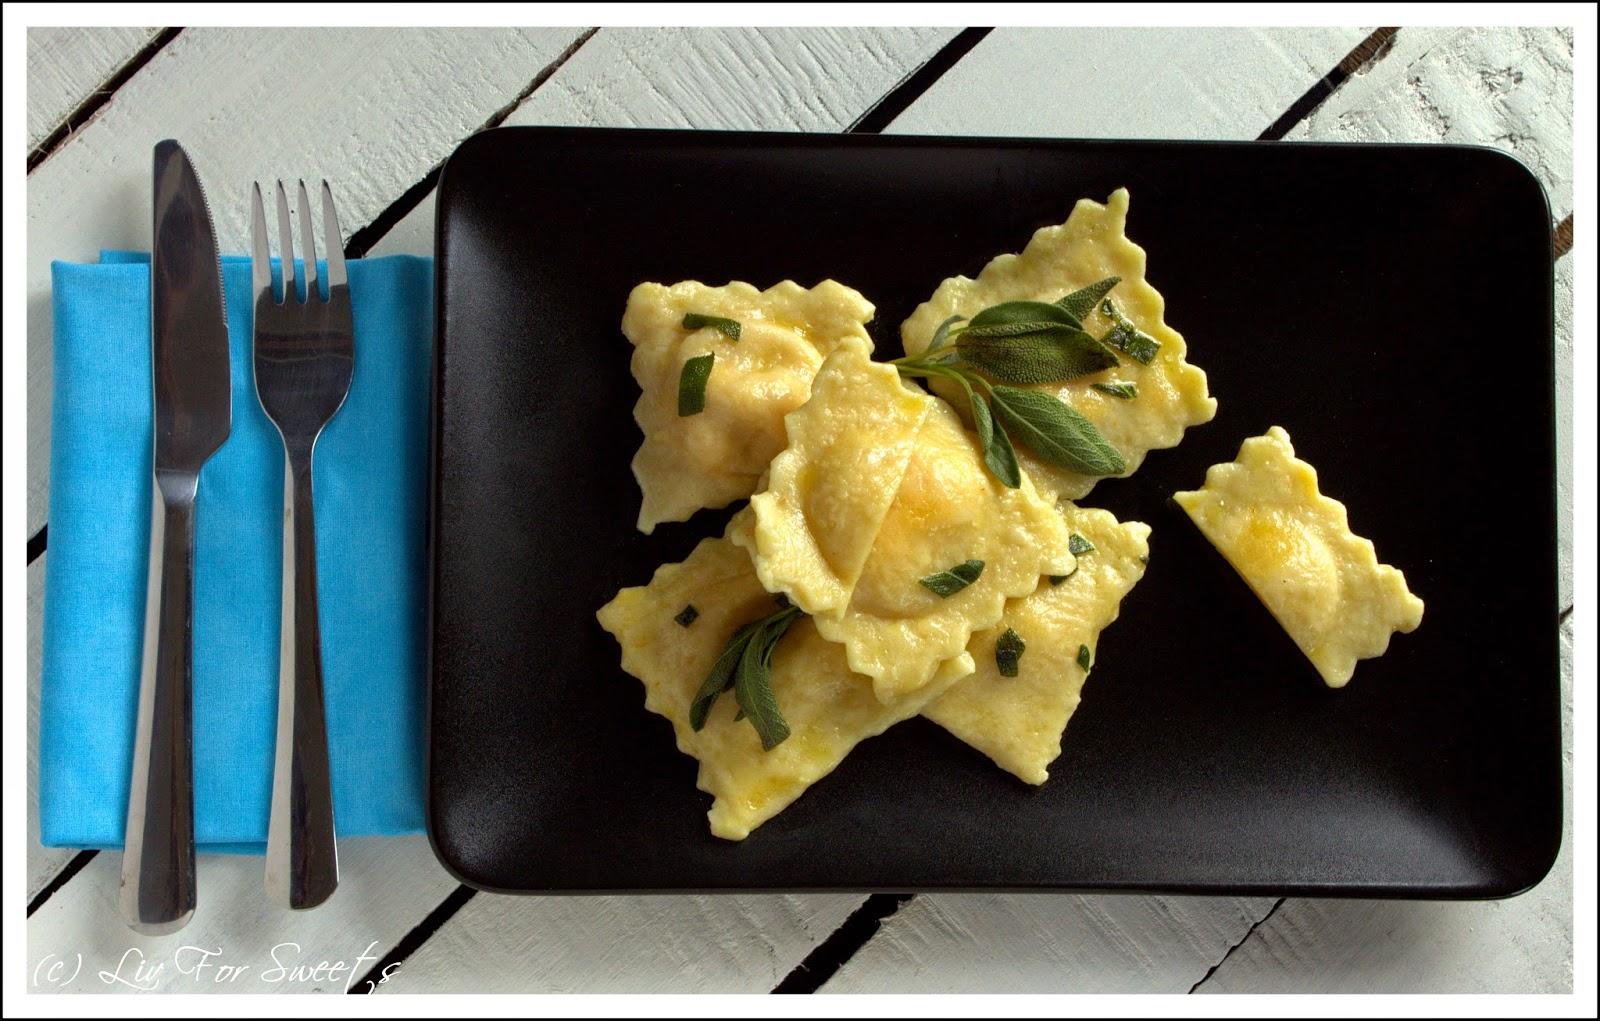 Kuerbis-Ricotta-Ravioli mit Salbei-Butter-Sauce auf schwarzem Teller, Besteck auf türkiser Serviette, Rezept, Thermomix, TM31